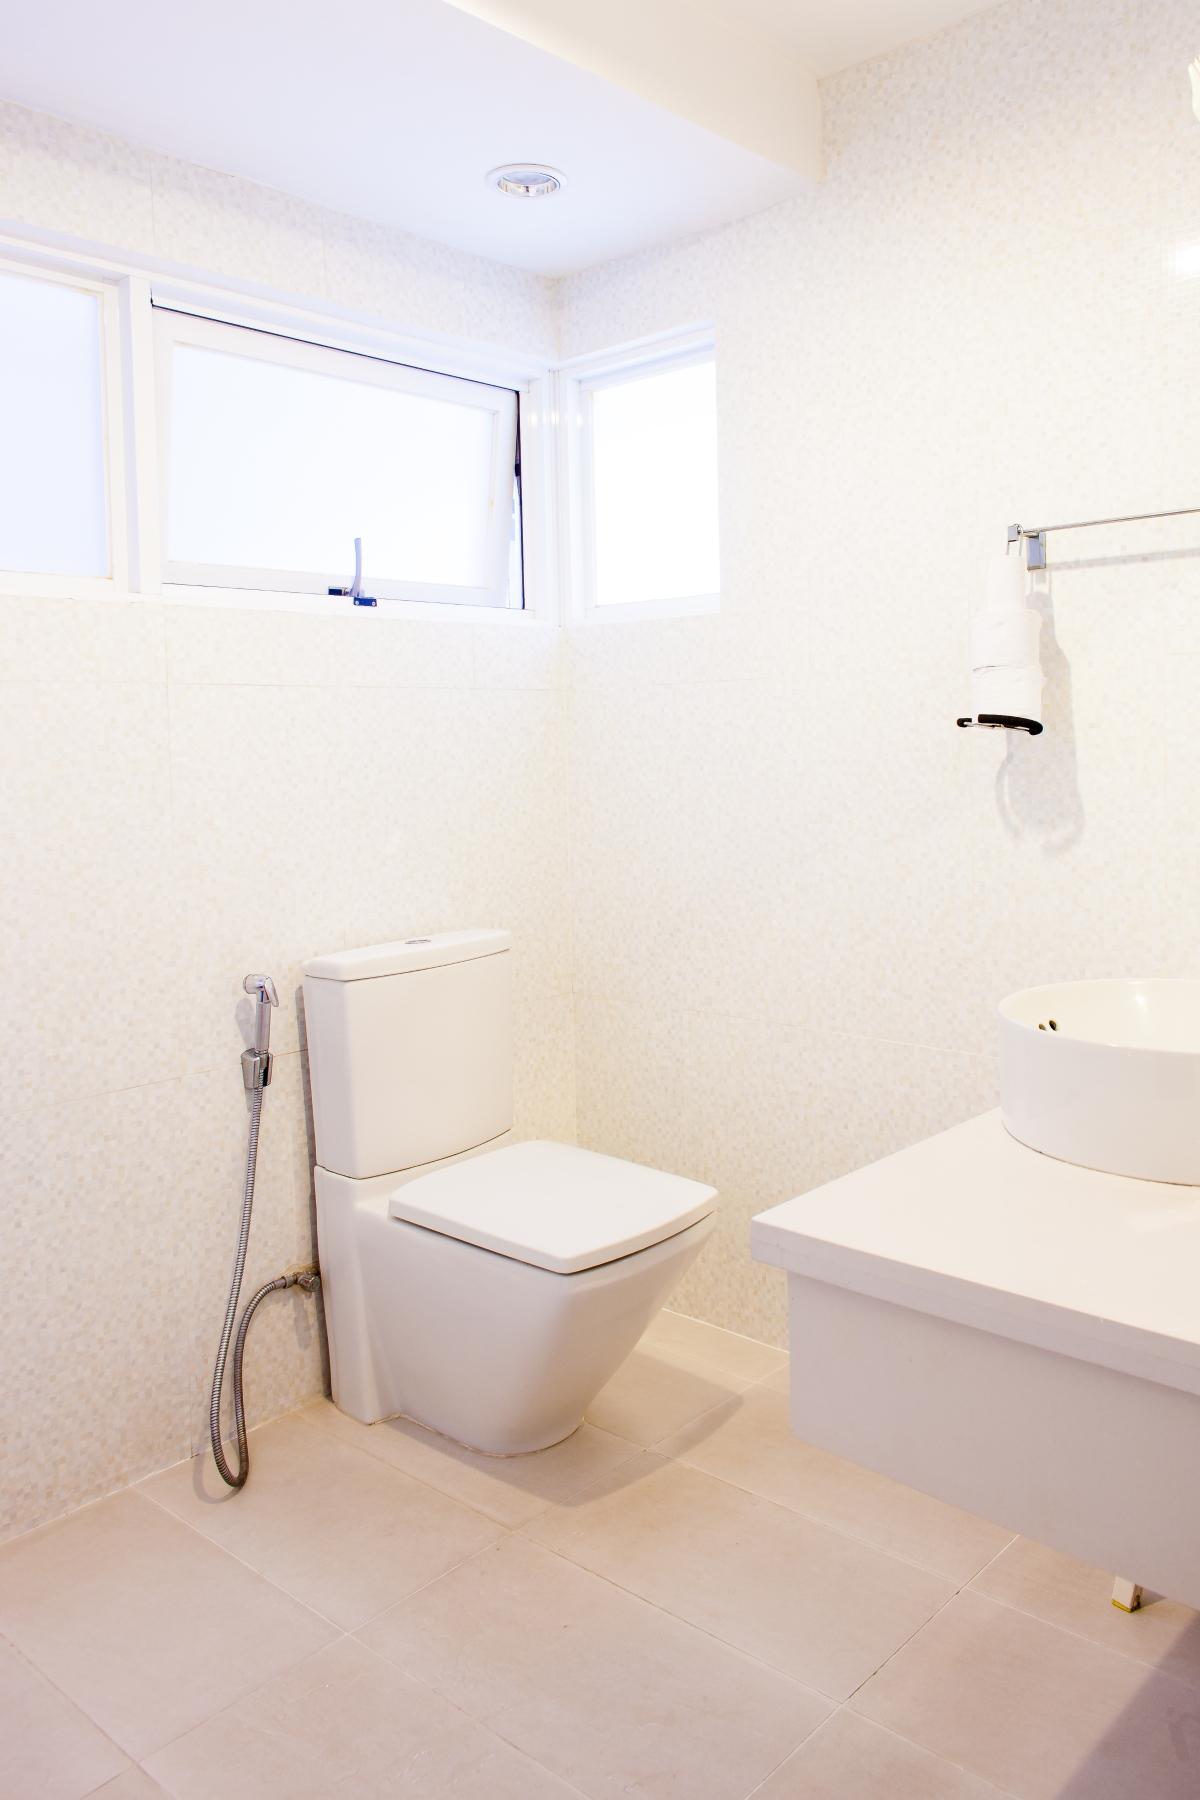 Phòng tắm chính Villa 2 tầng đơn lập Mỹ Phú 1A